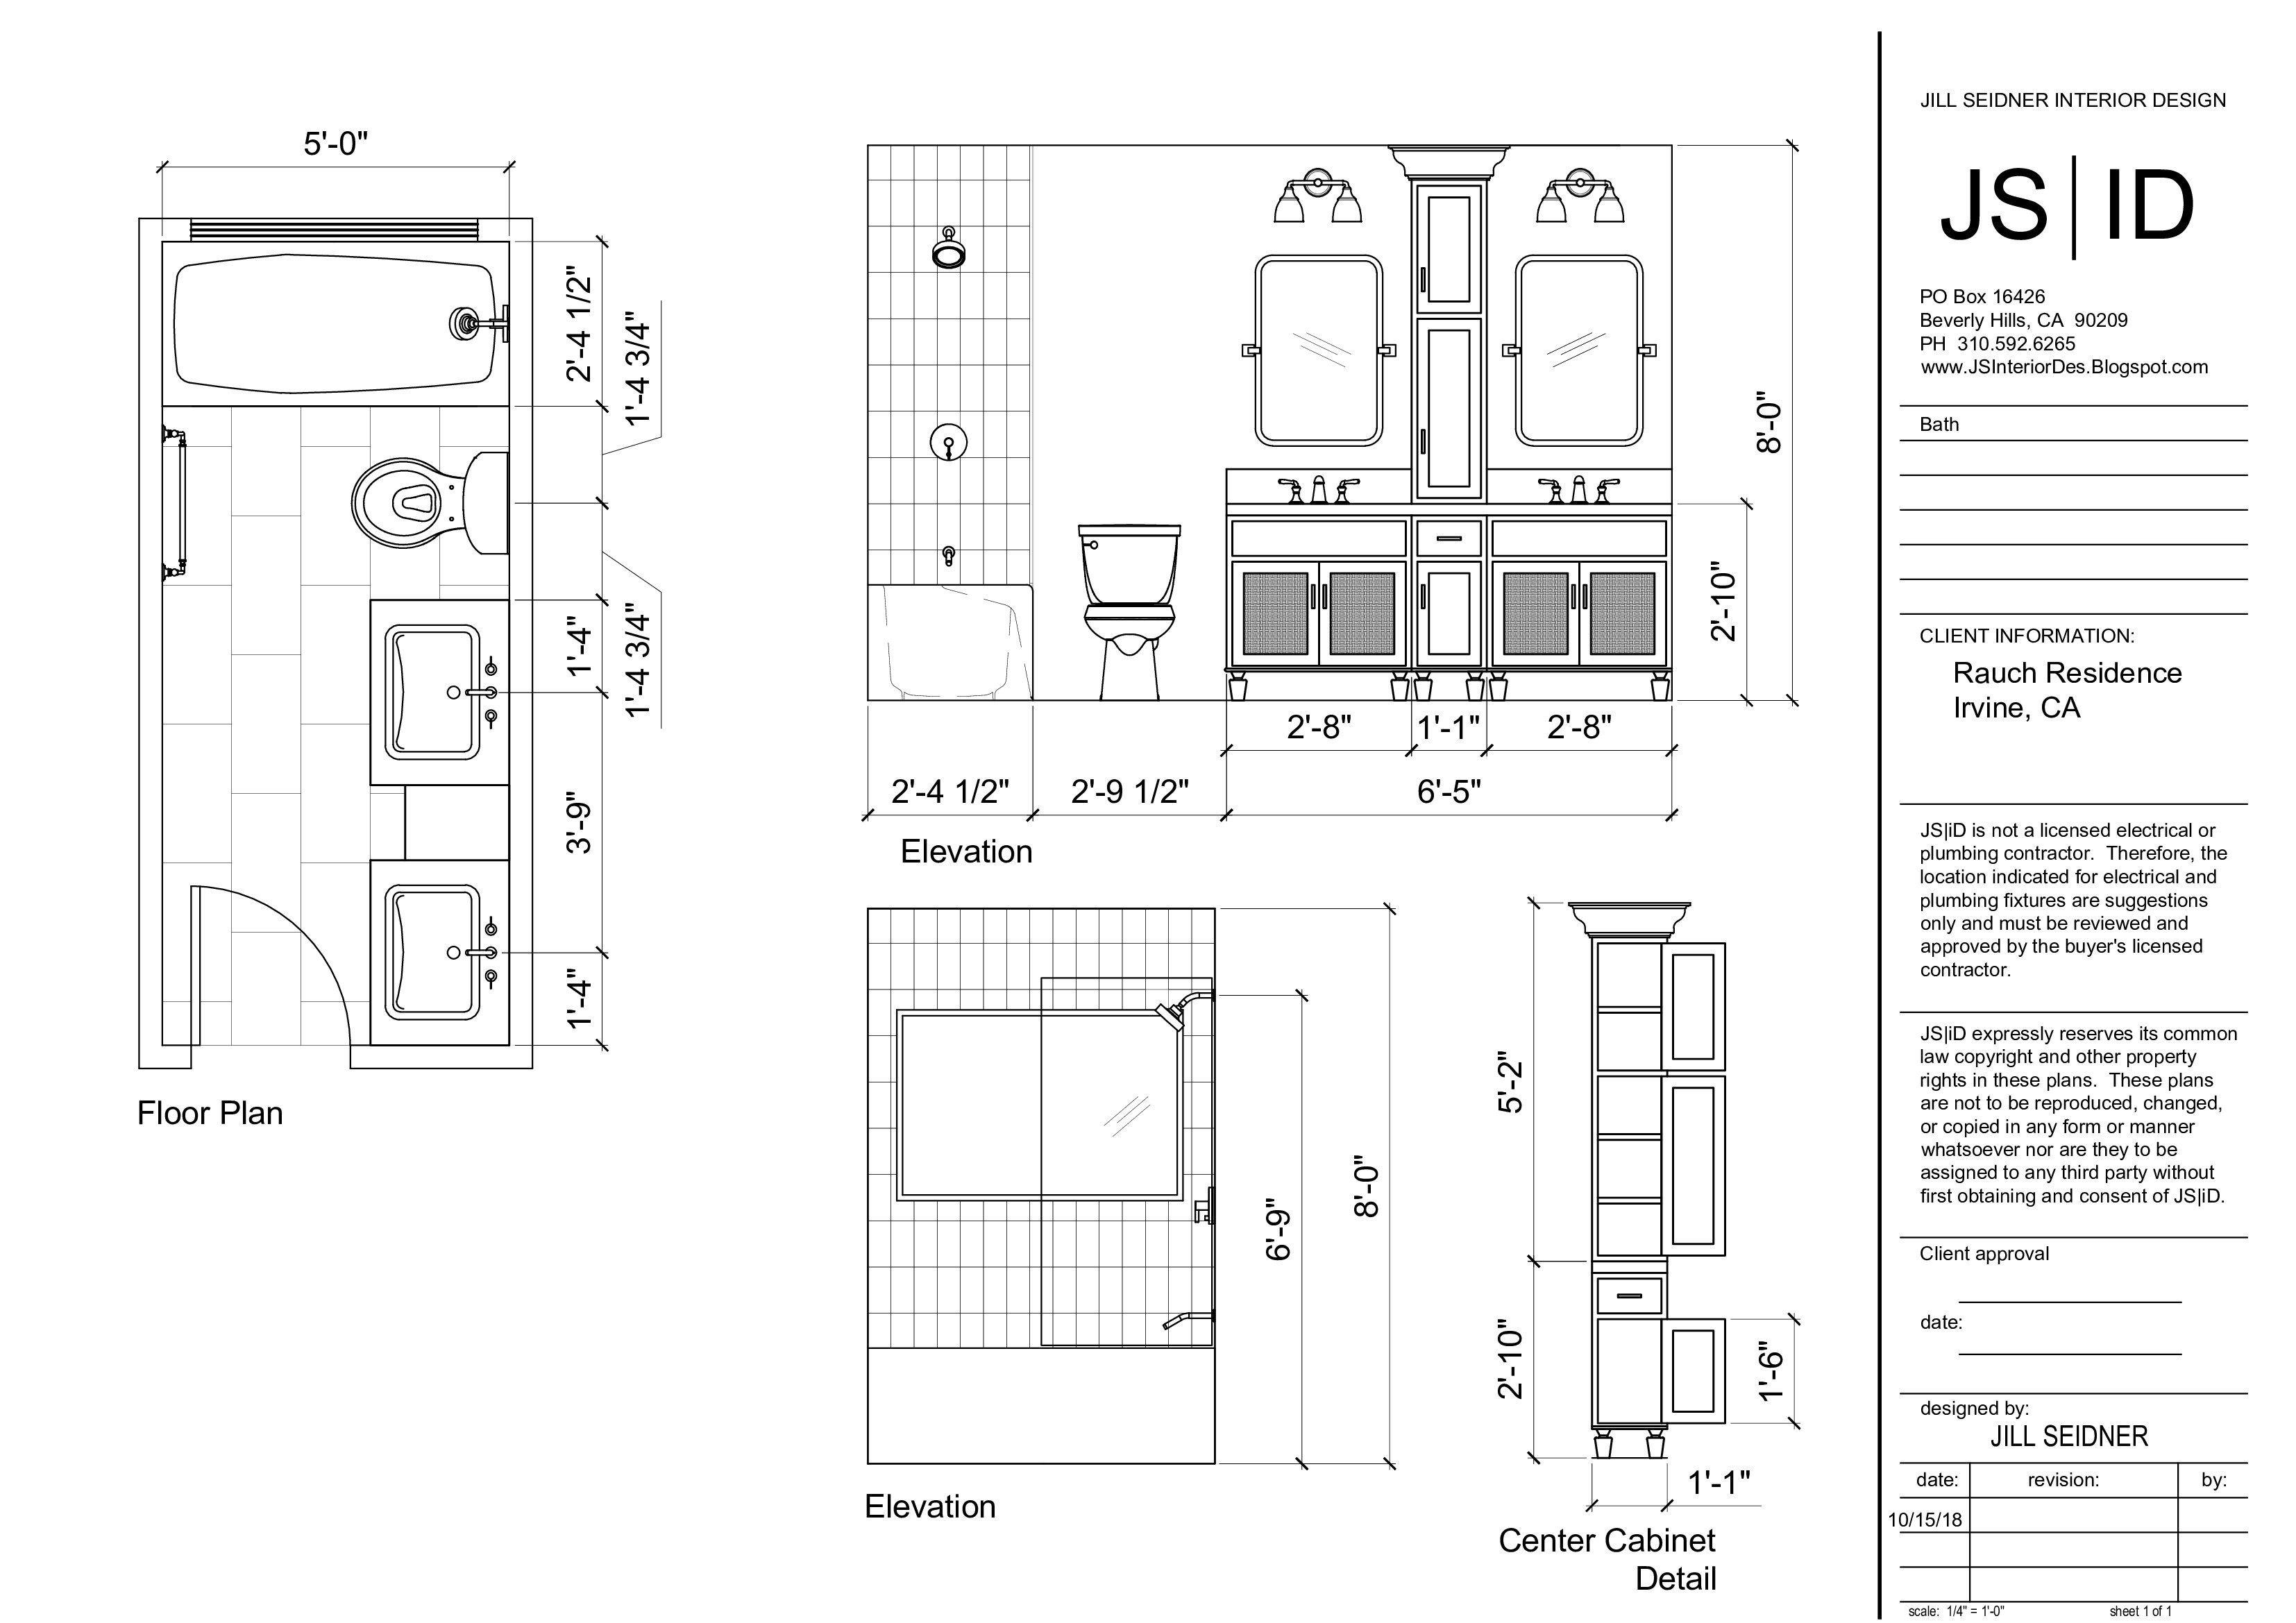 Jill Seidner Interior Design - JILL SEIDNER | INTERIOR ...